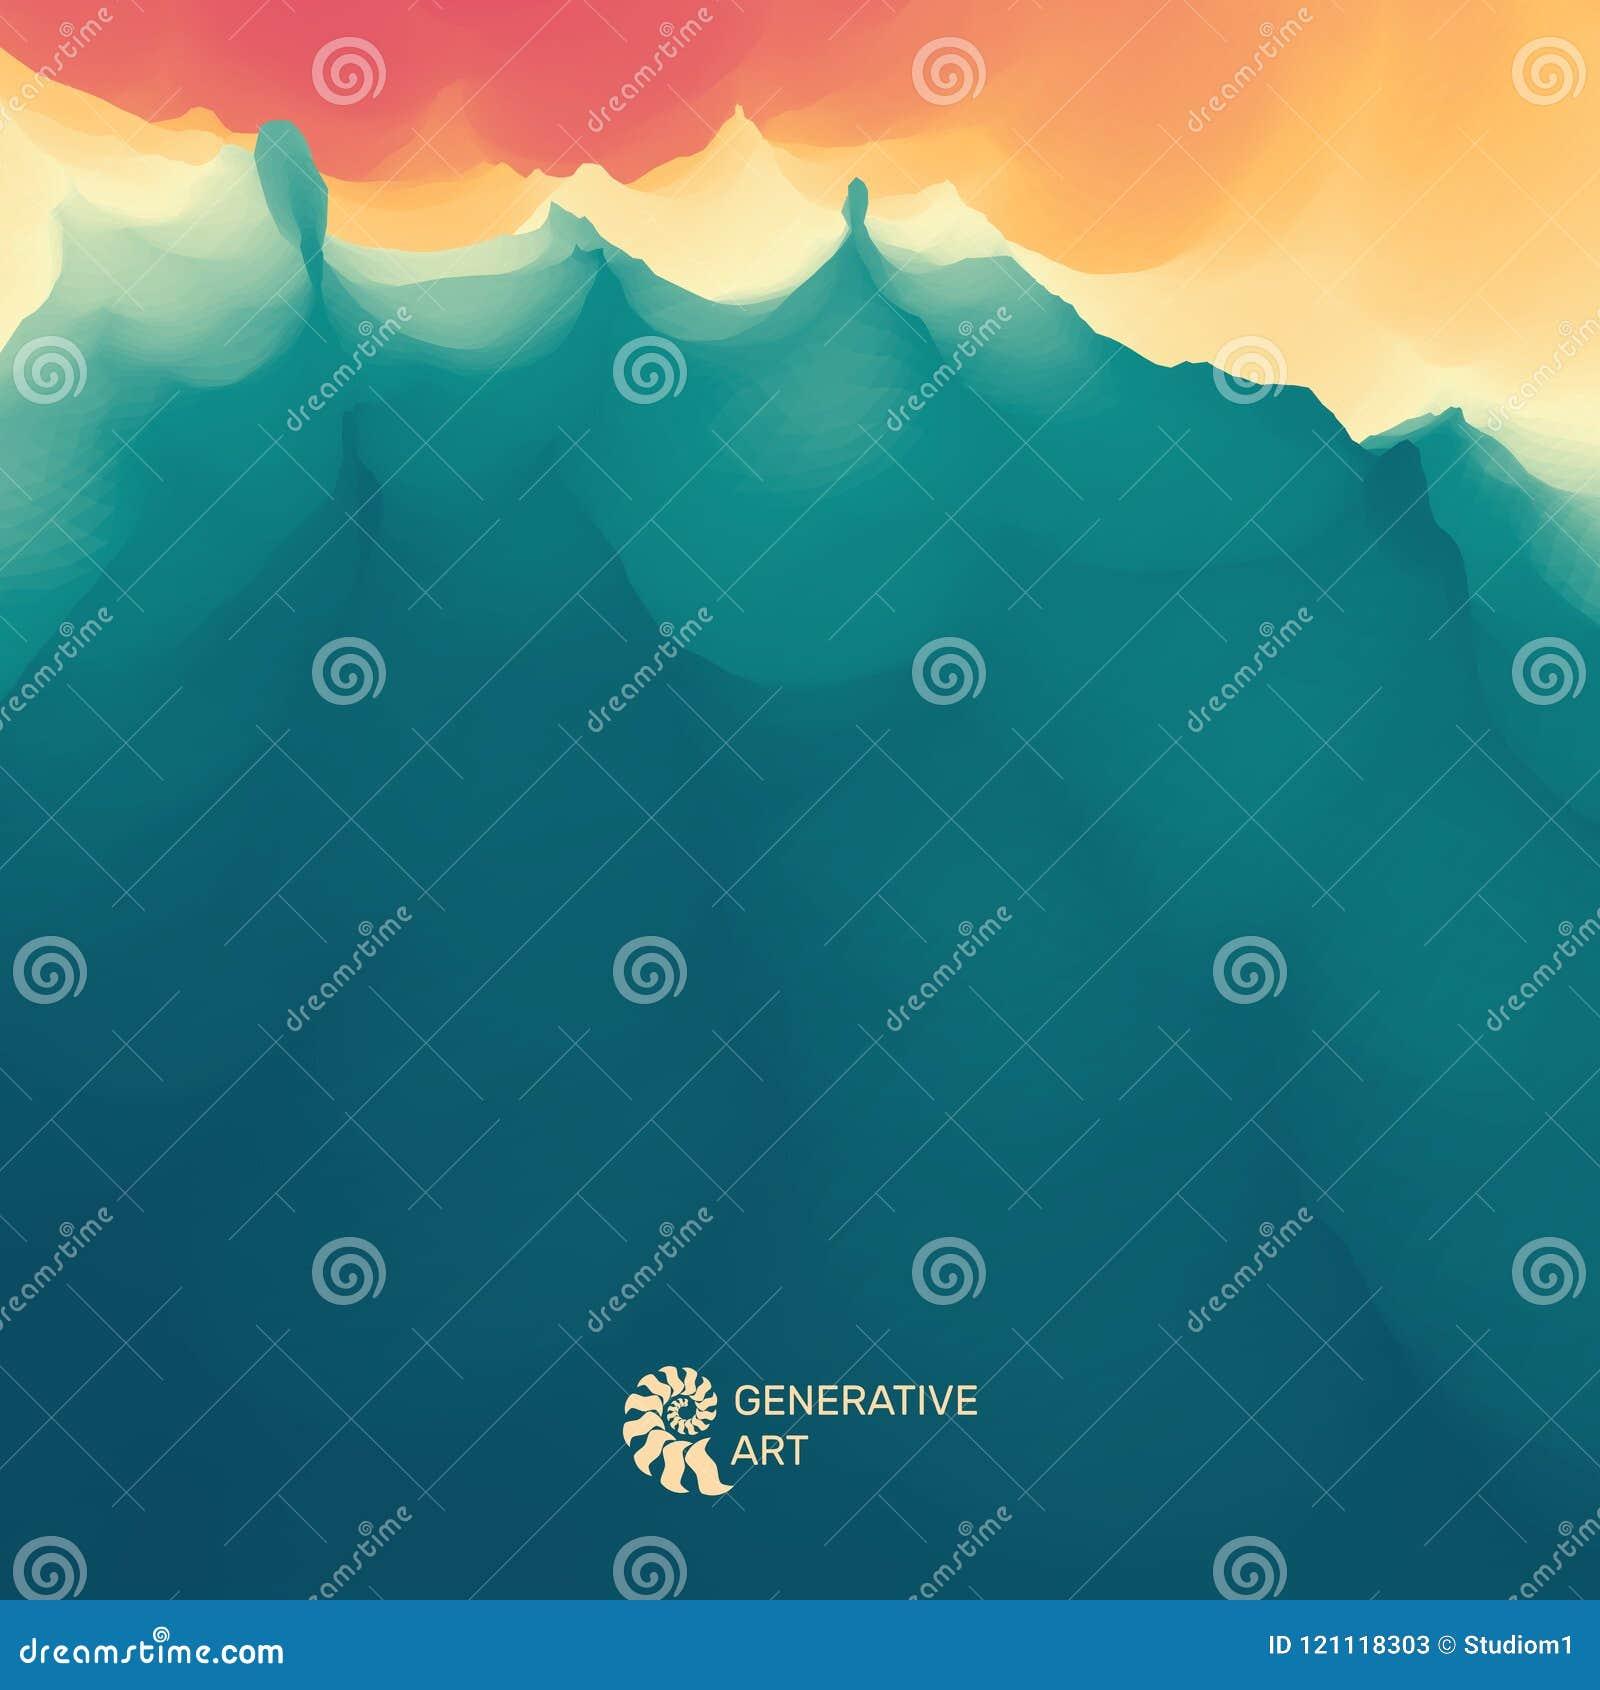 Rasterversion der Abbildung Goldene Kräuselungen im Wasser Feld des grünen Grases gegen einen blauen Himmel mit wispy weißen Wolk